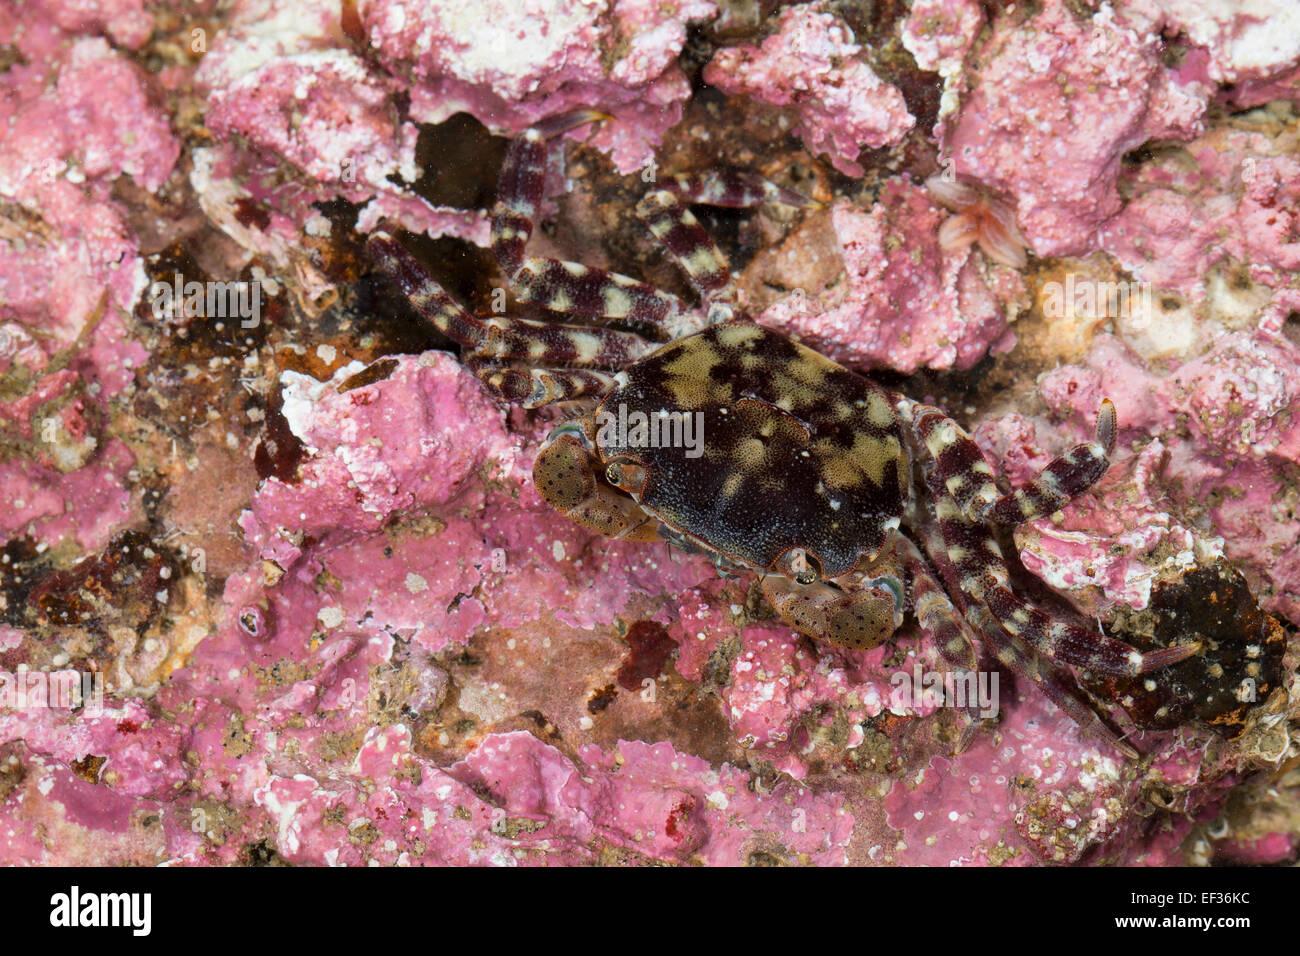 Japanese shore crab, Asian shore crab, Pacific crab, Japanische Felsenkrabbe, Asiatische Strandkrabbe, Hemigrapsus - Stock Image